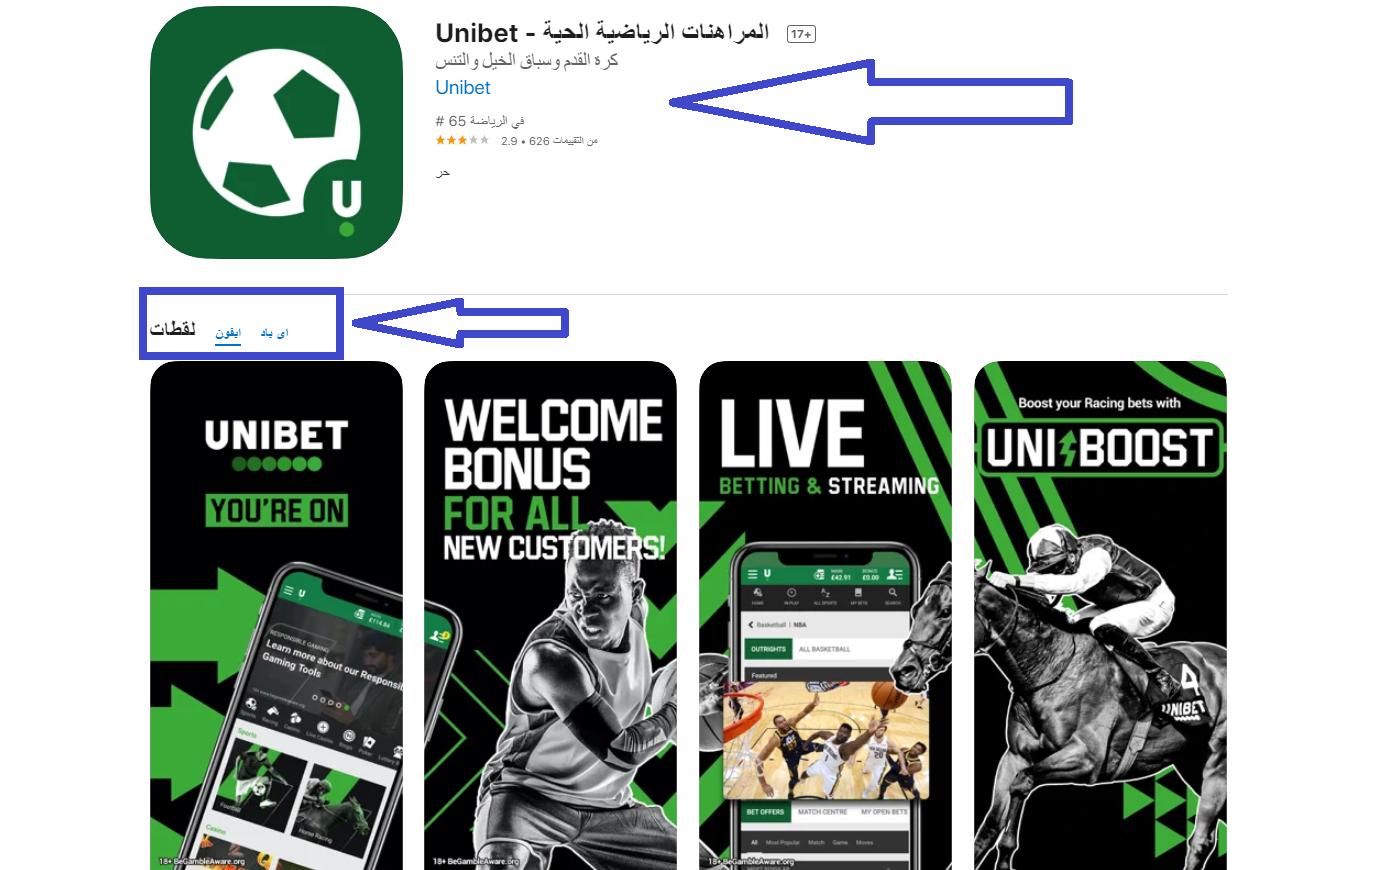 تطبيق Unibet في المغرب يعمل رسميا تماما